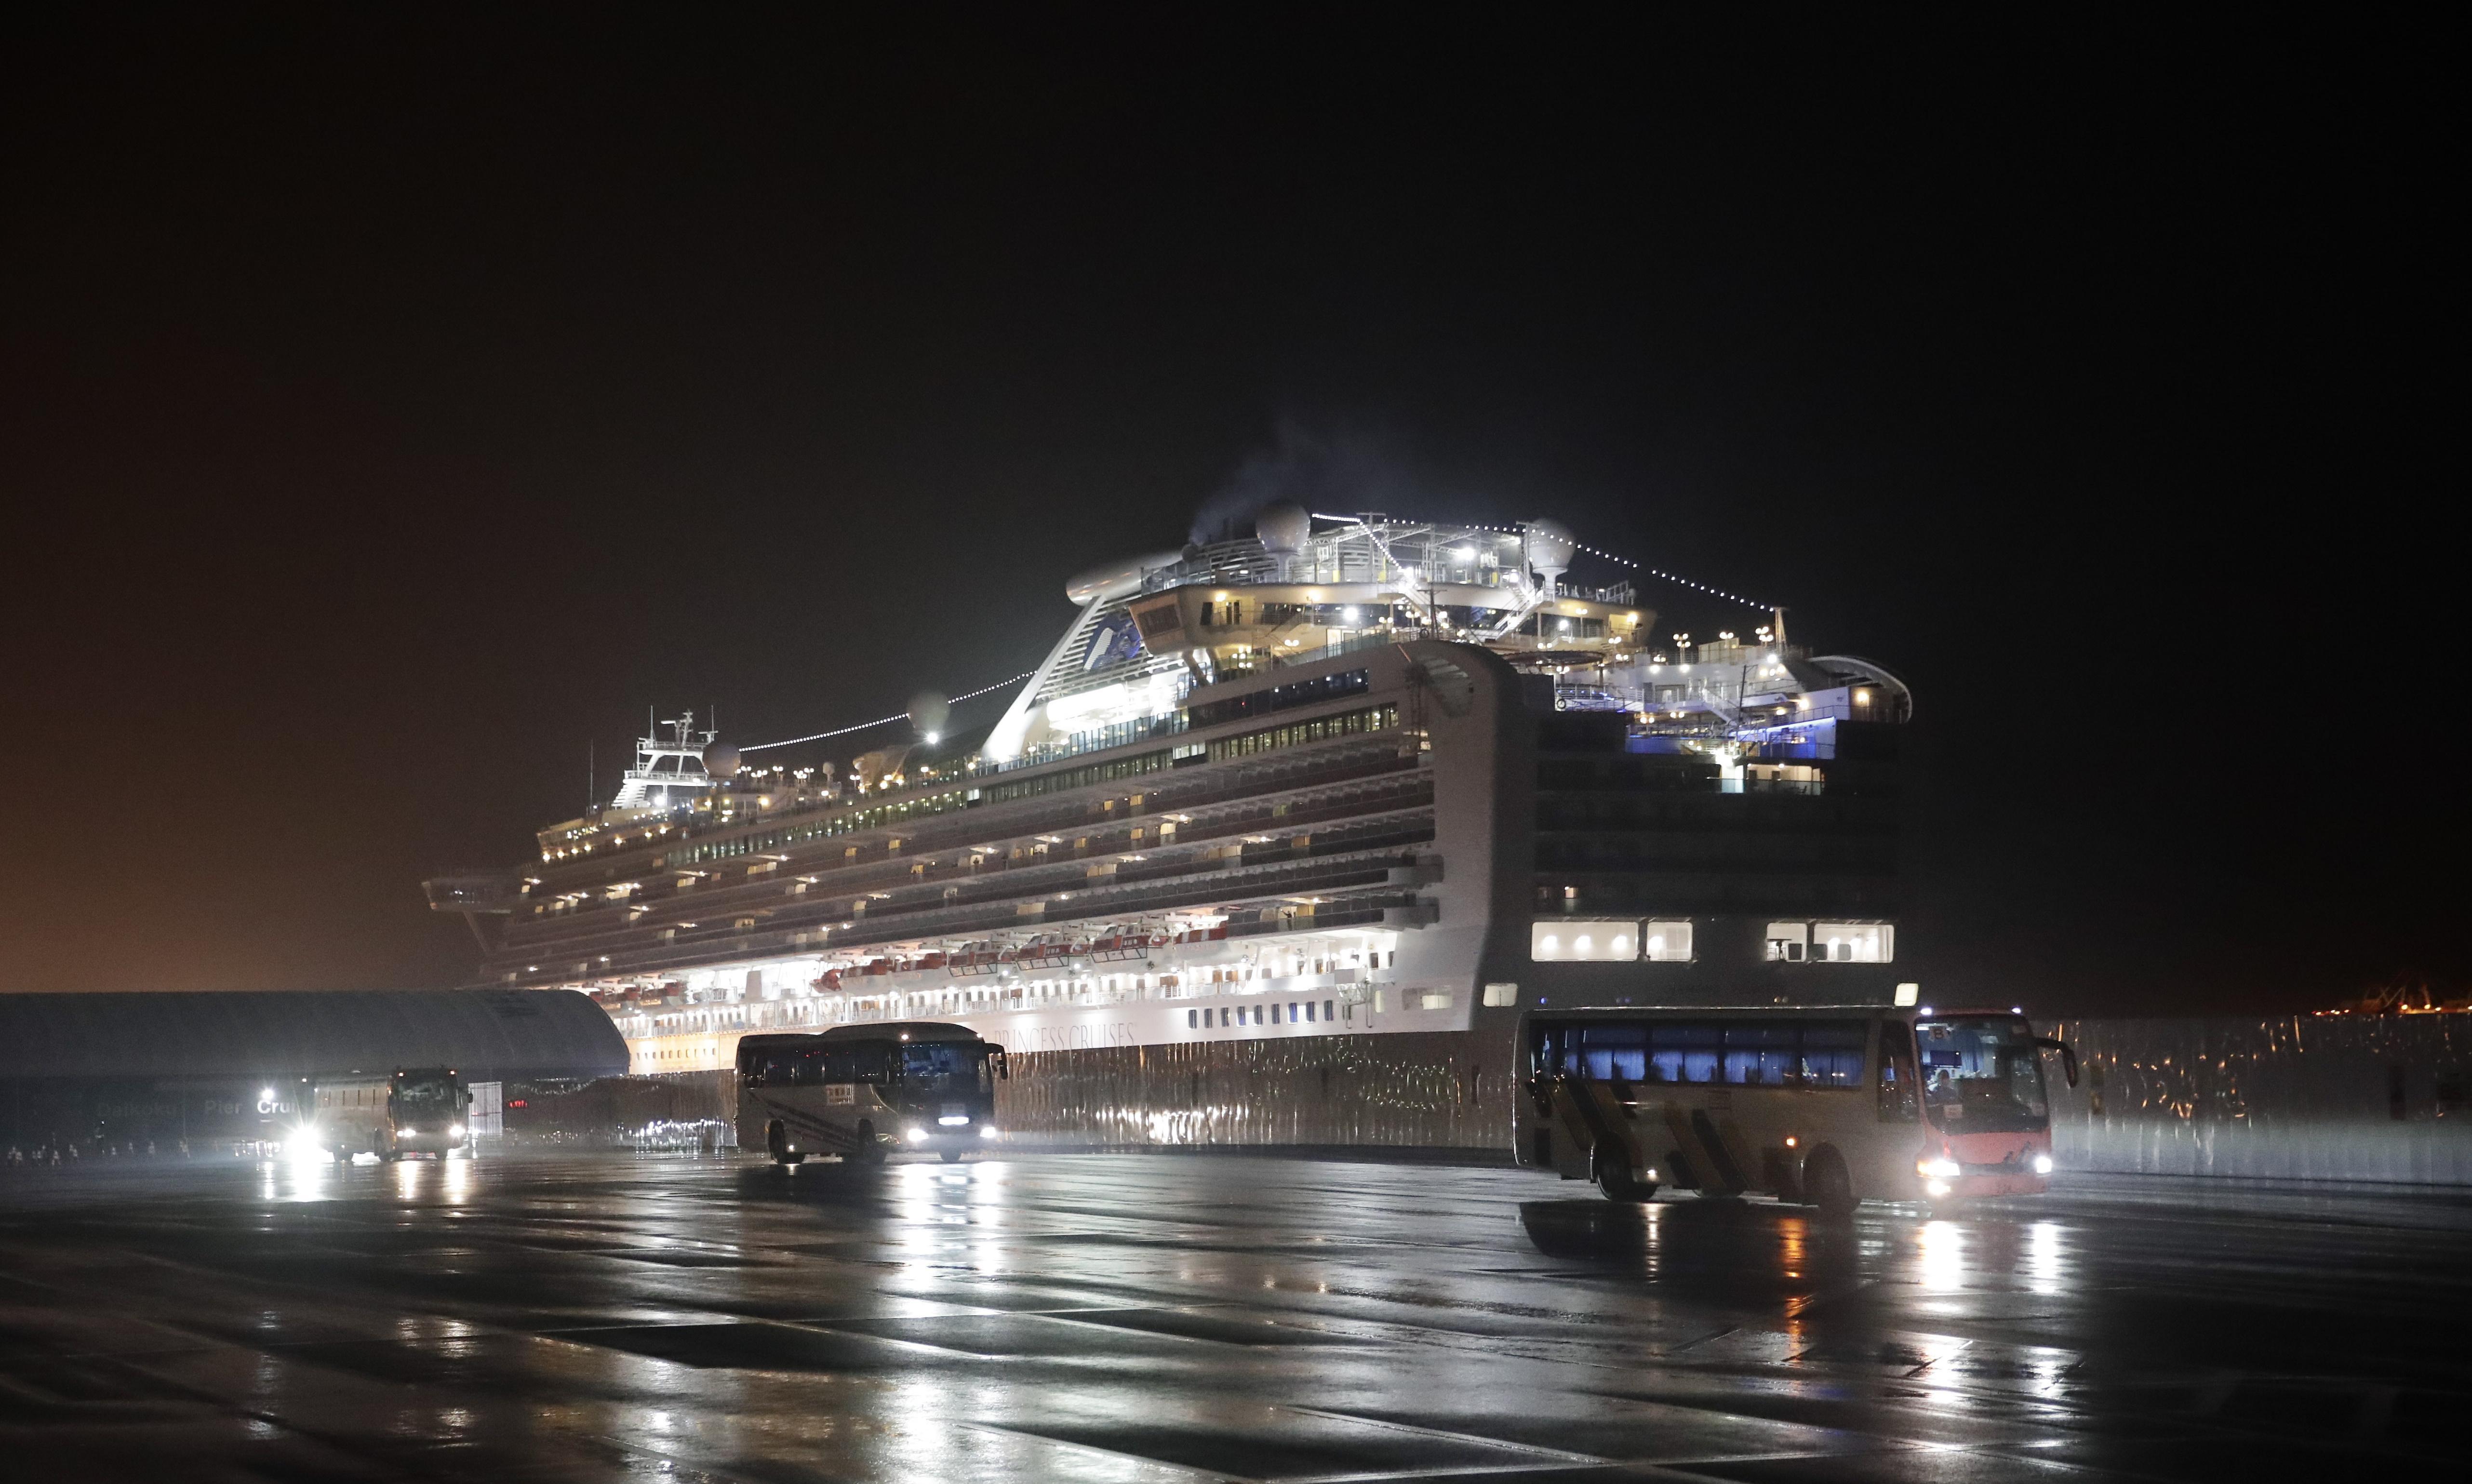 Australians stuck on coronavirus-hit Diamond Princess cruise ship prepare to evacuate to Darwin